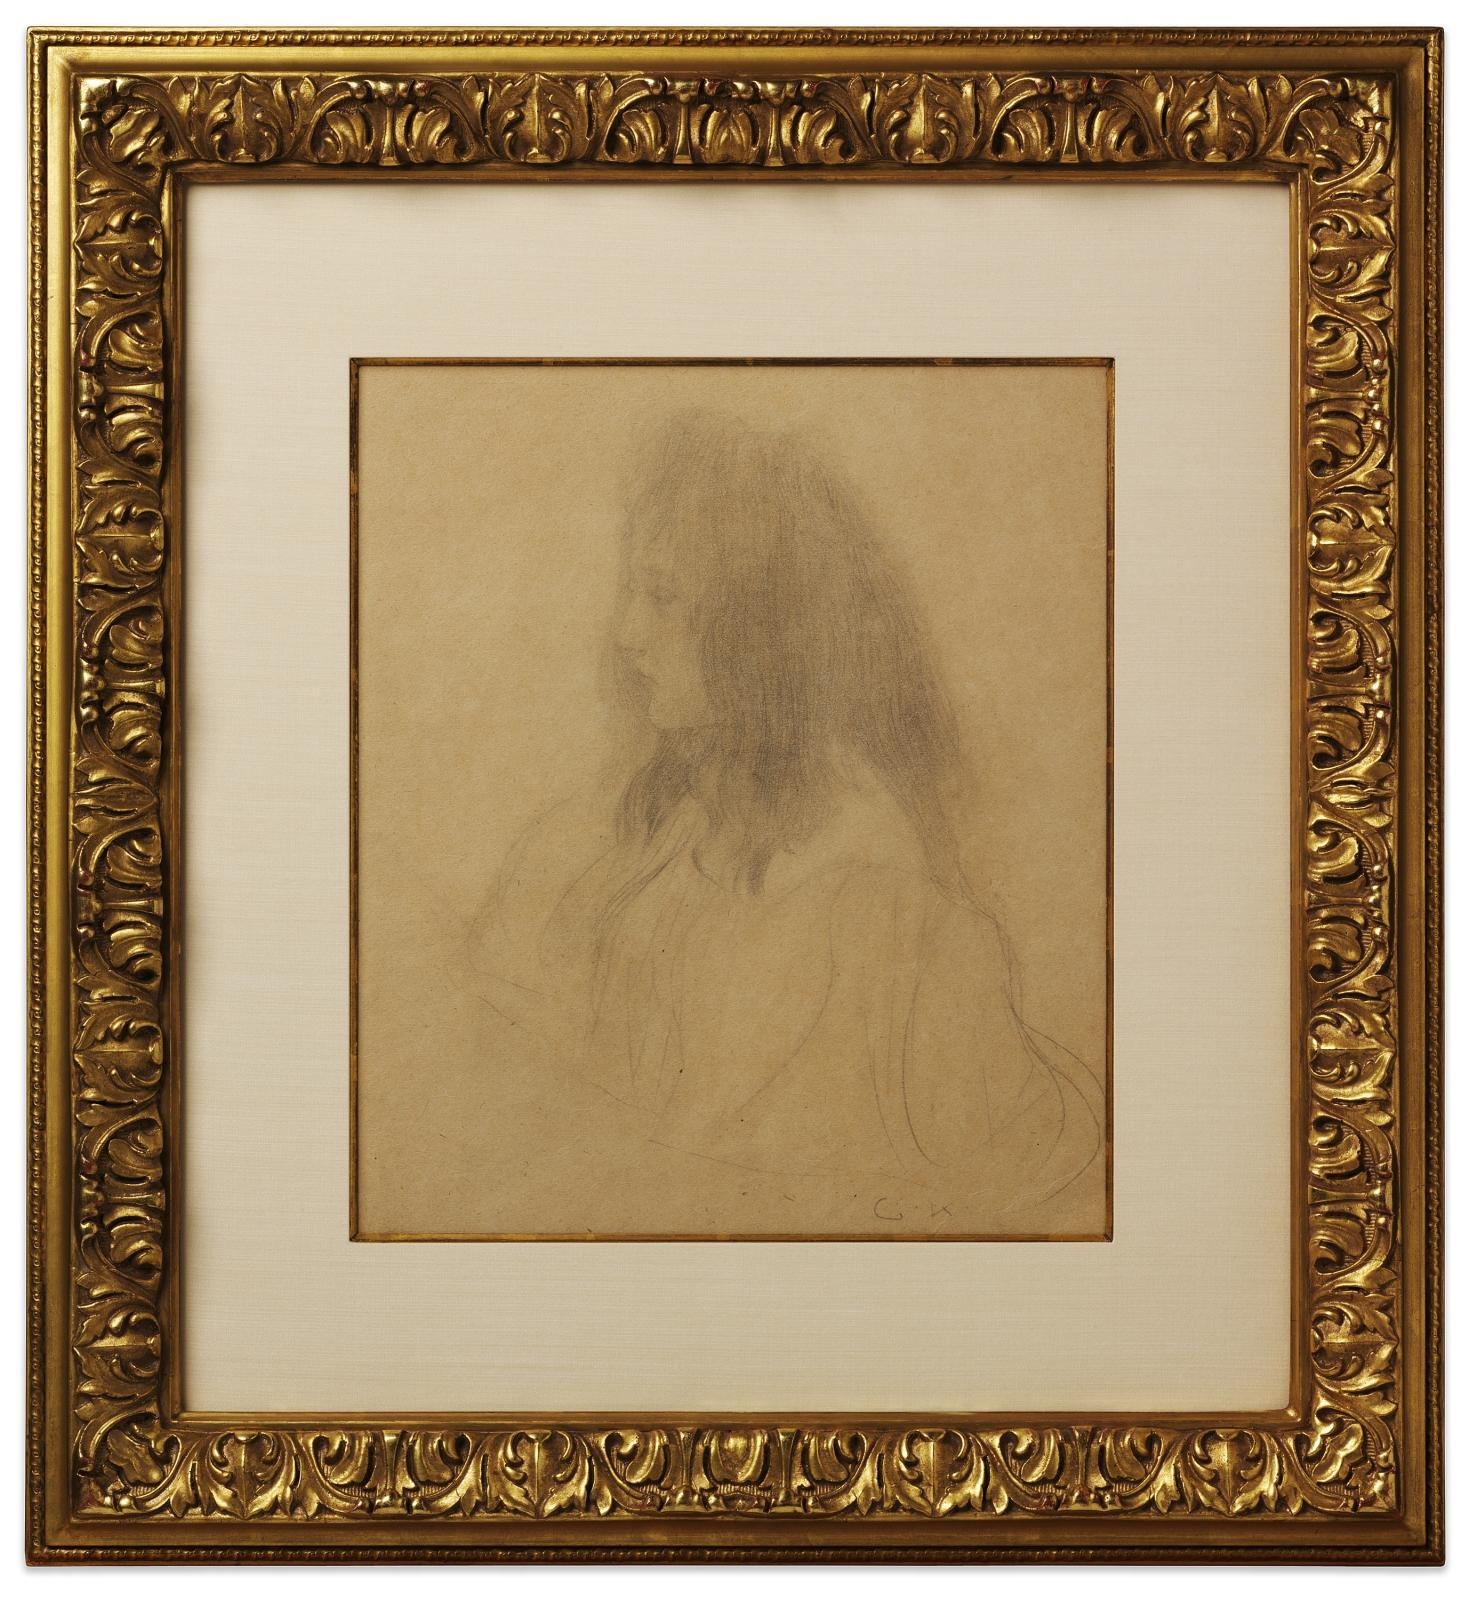 Brustbild eines Maedchens im Profil nach links